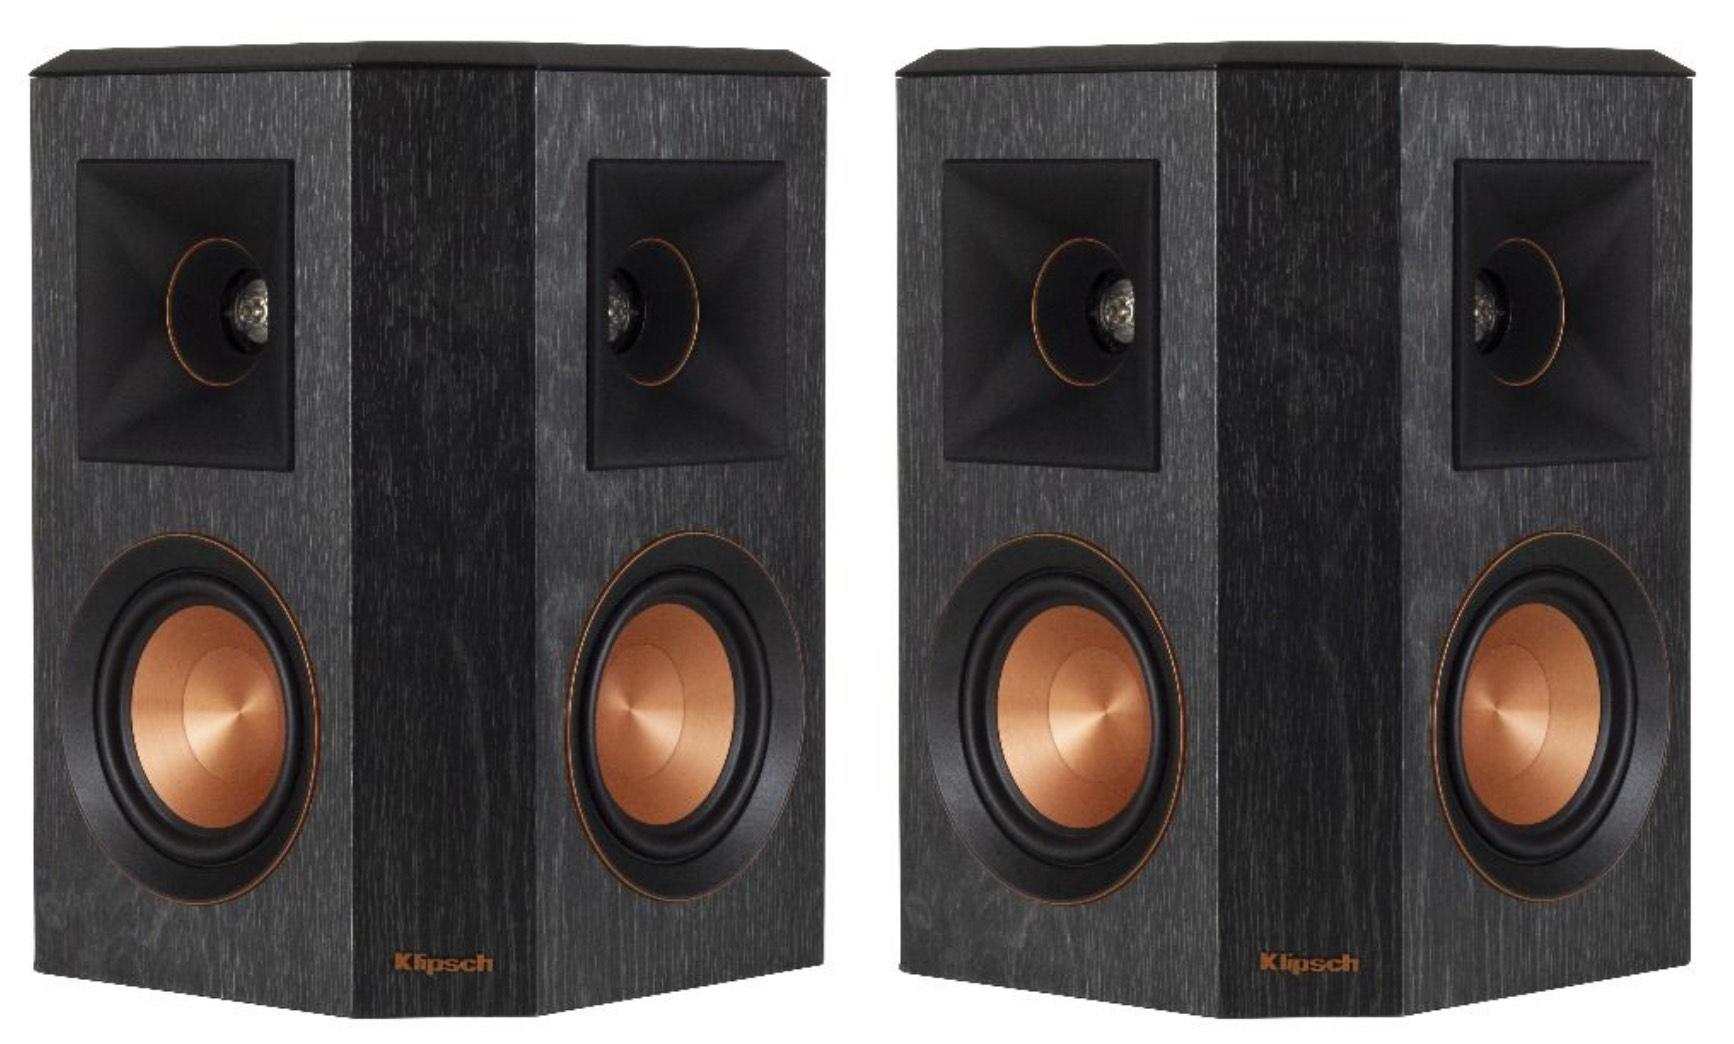 Klipsch: rp-402s surround speakers 2 stuks - zwart of walnoot